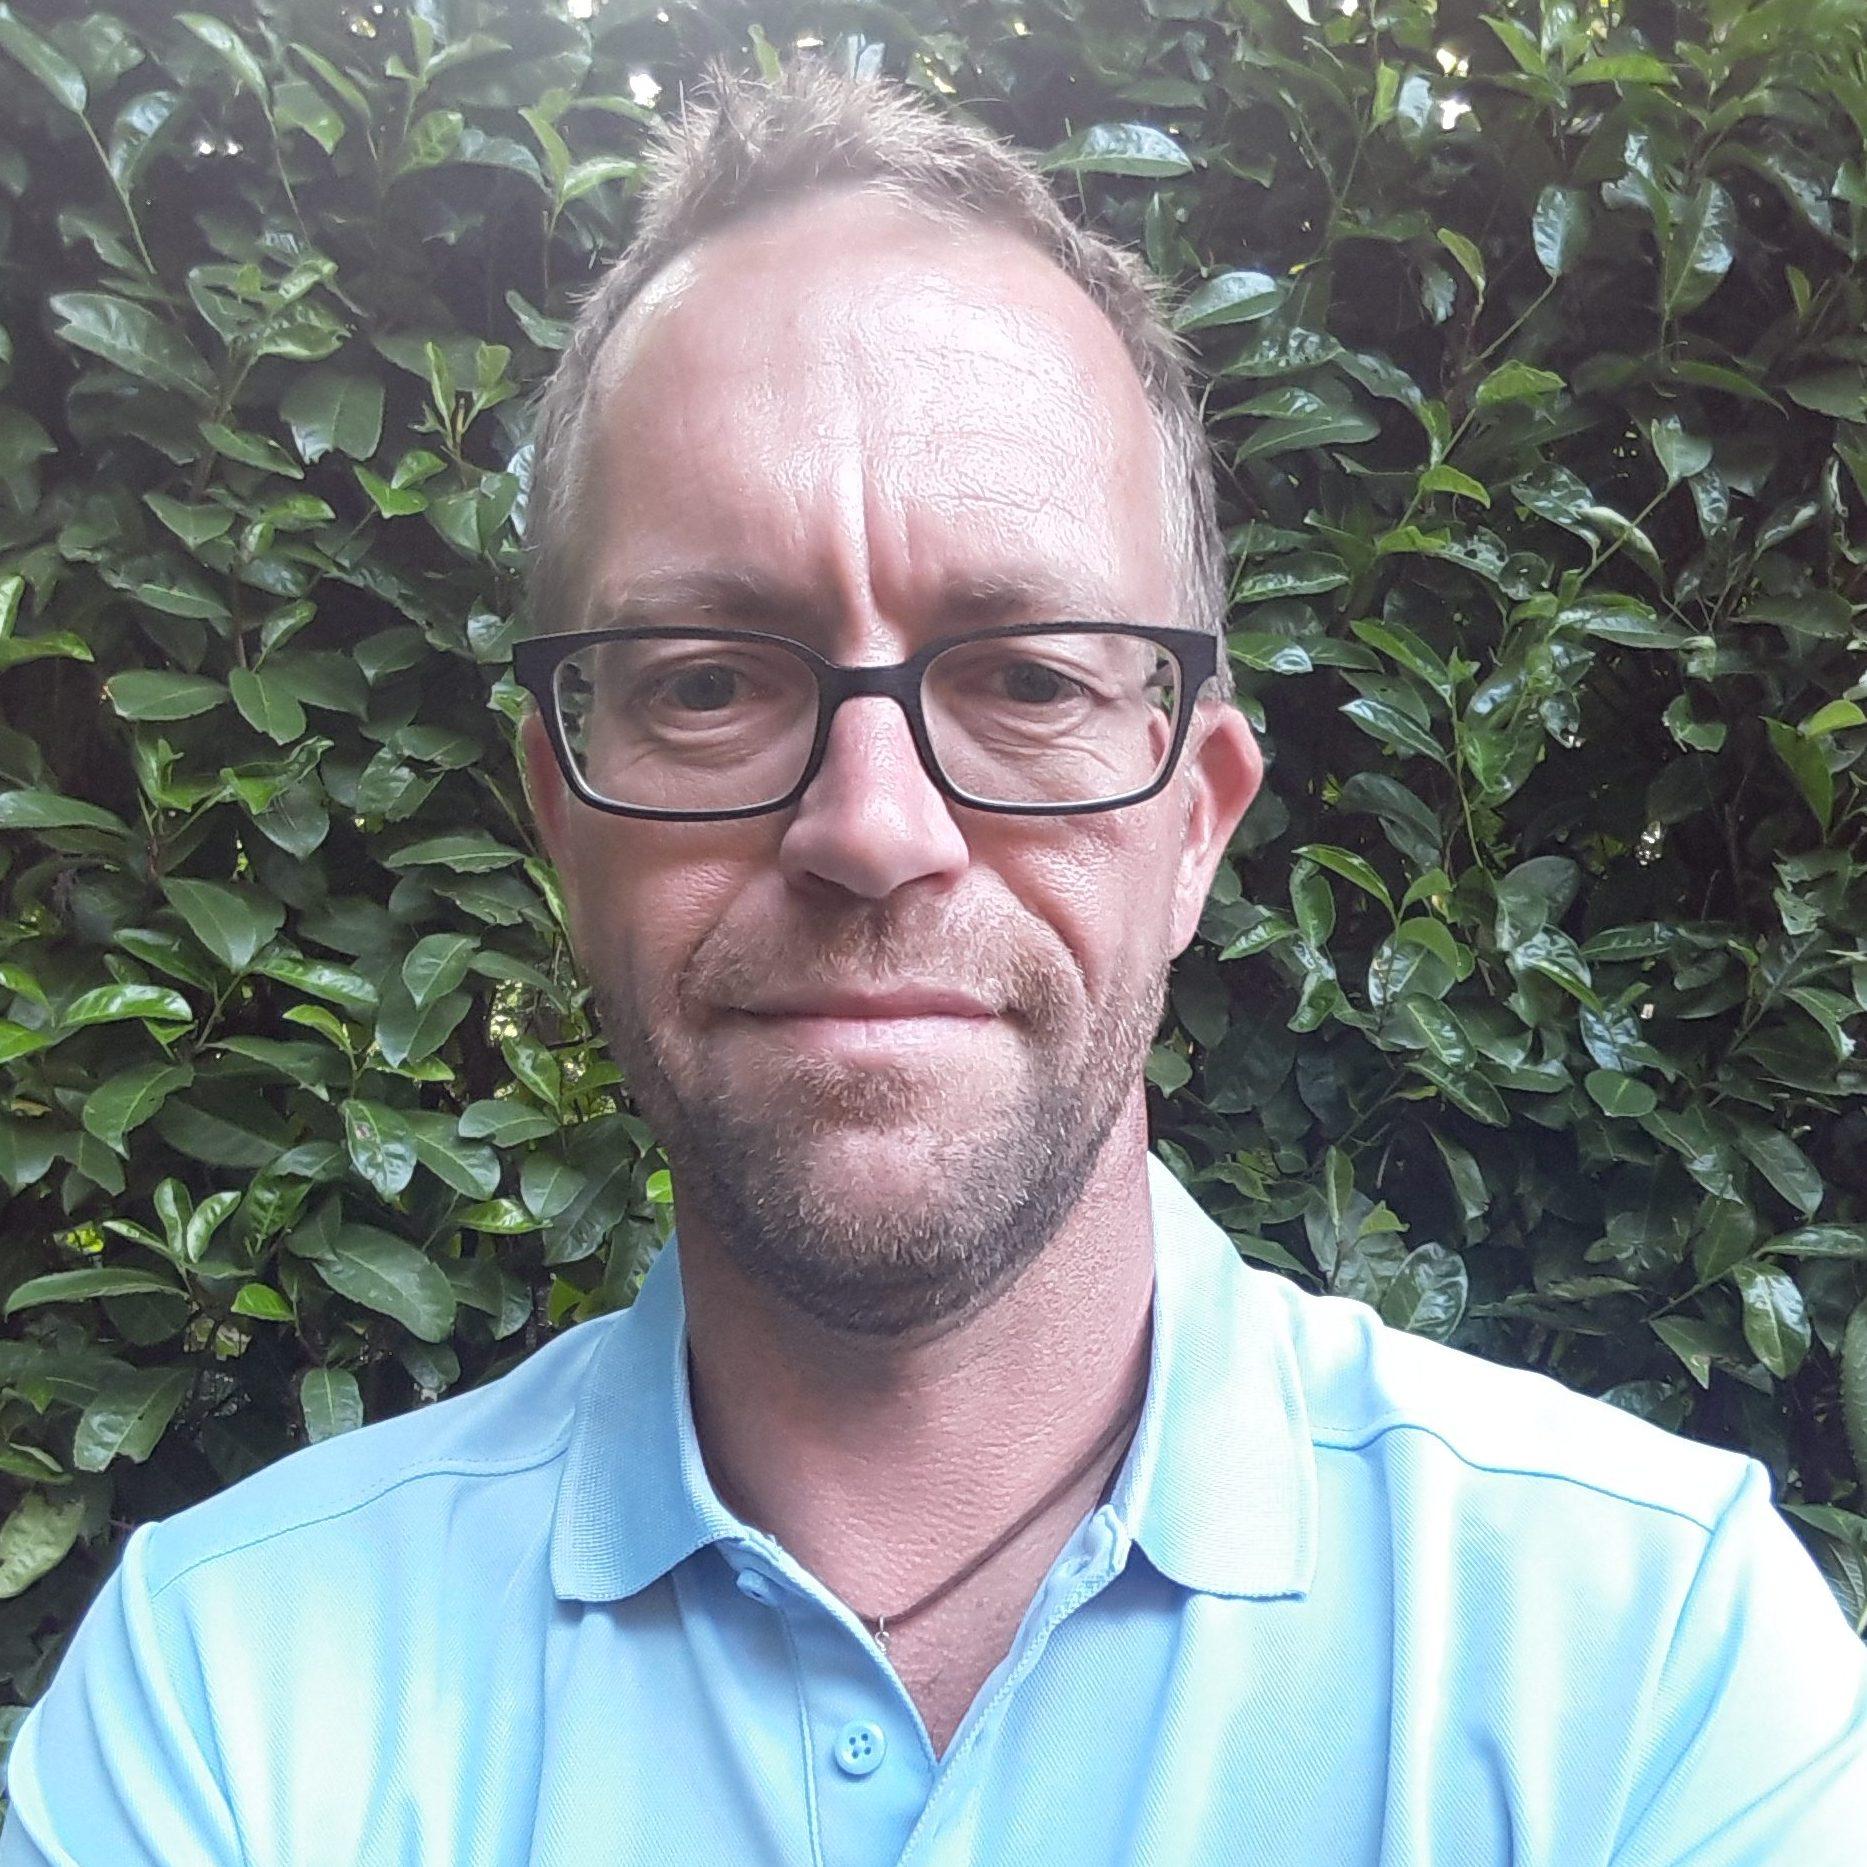 Stefan Poppe